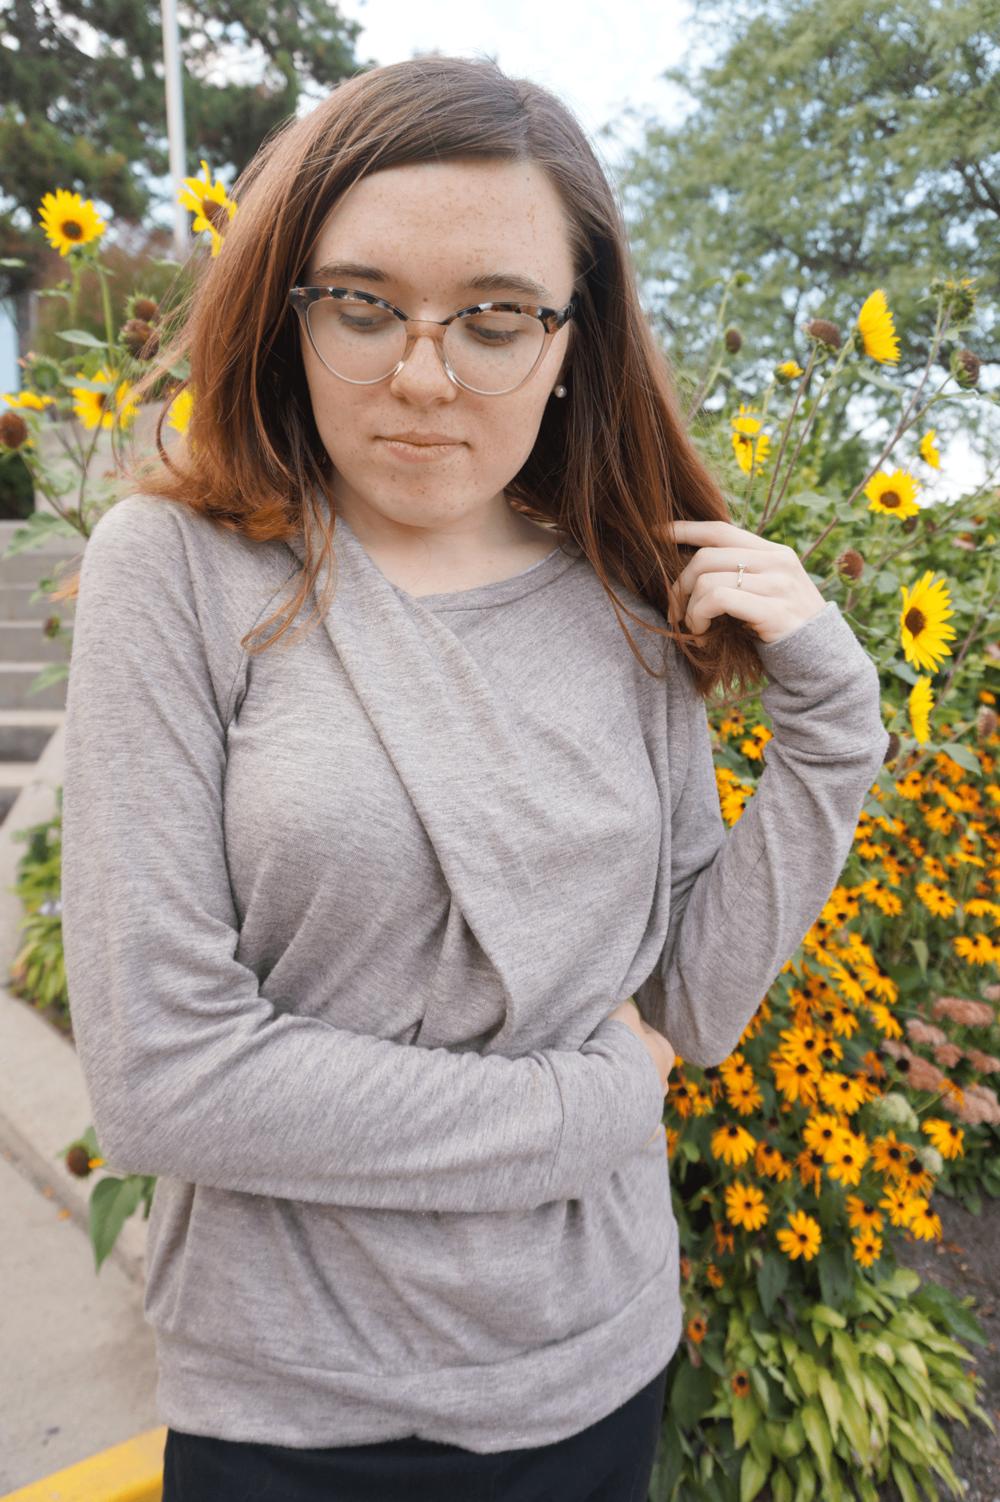 Bowline Sweater by Papercut Patterns